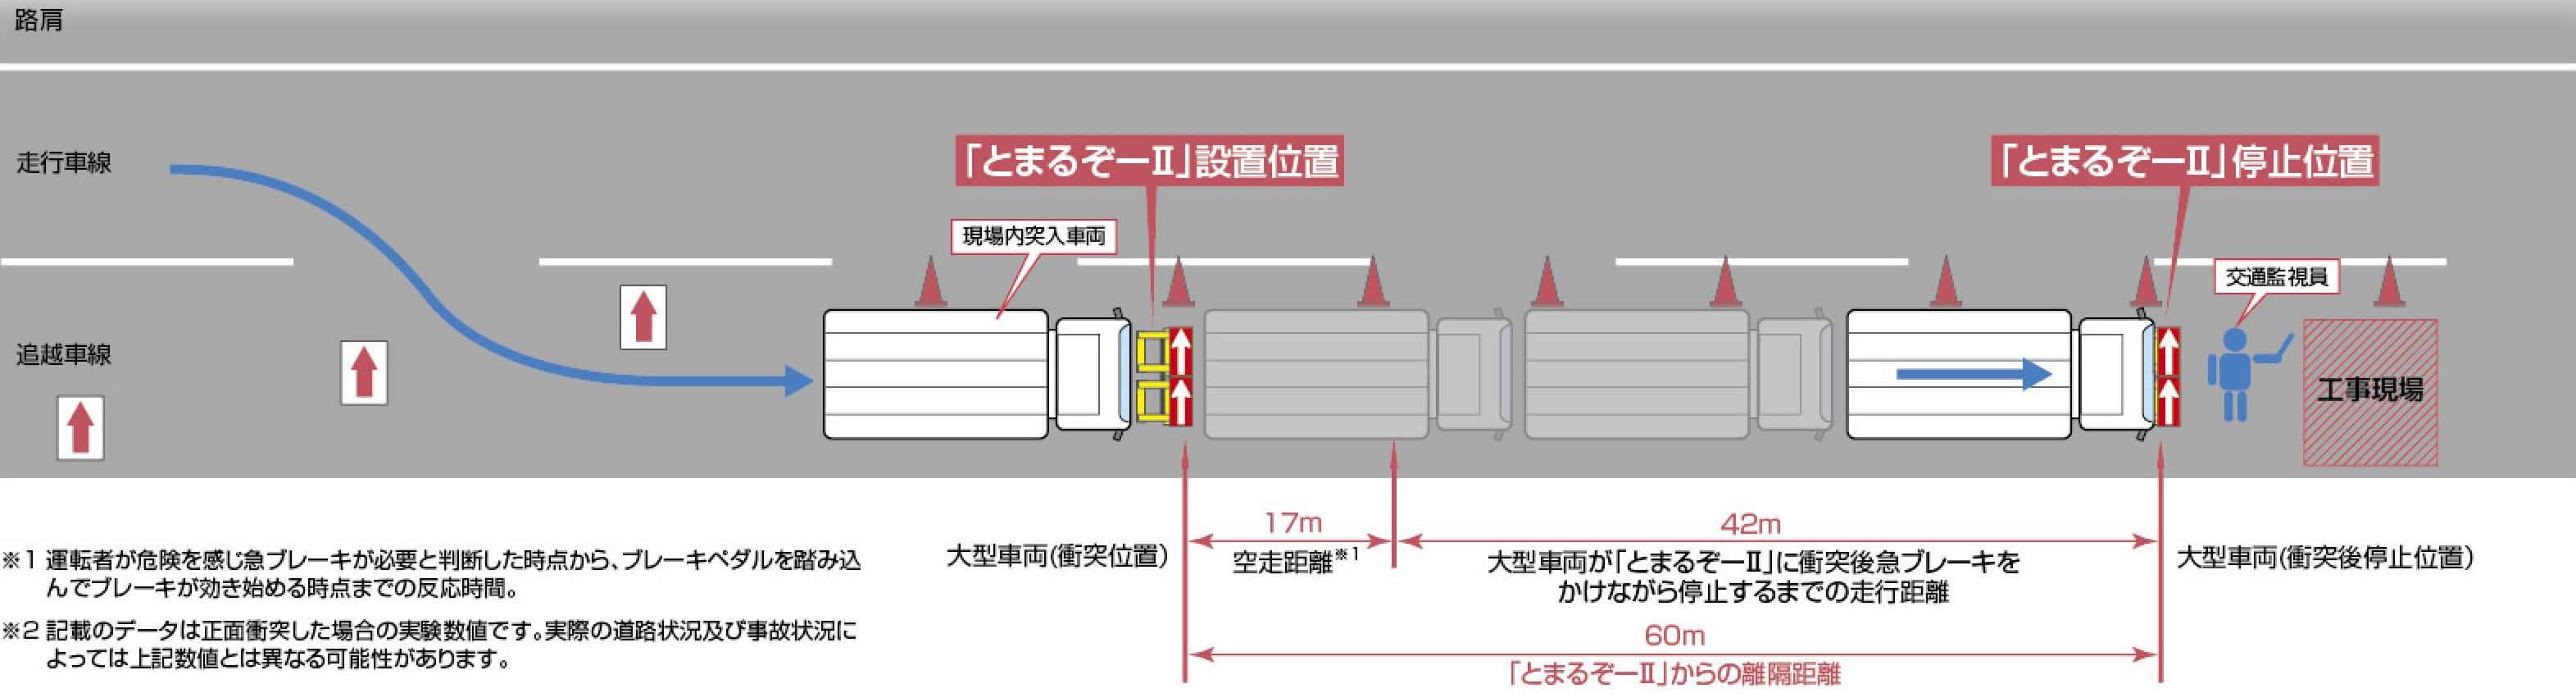 進入車両停止装置「とまるぞーⅡ」の配置の仕方